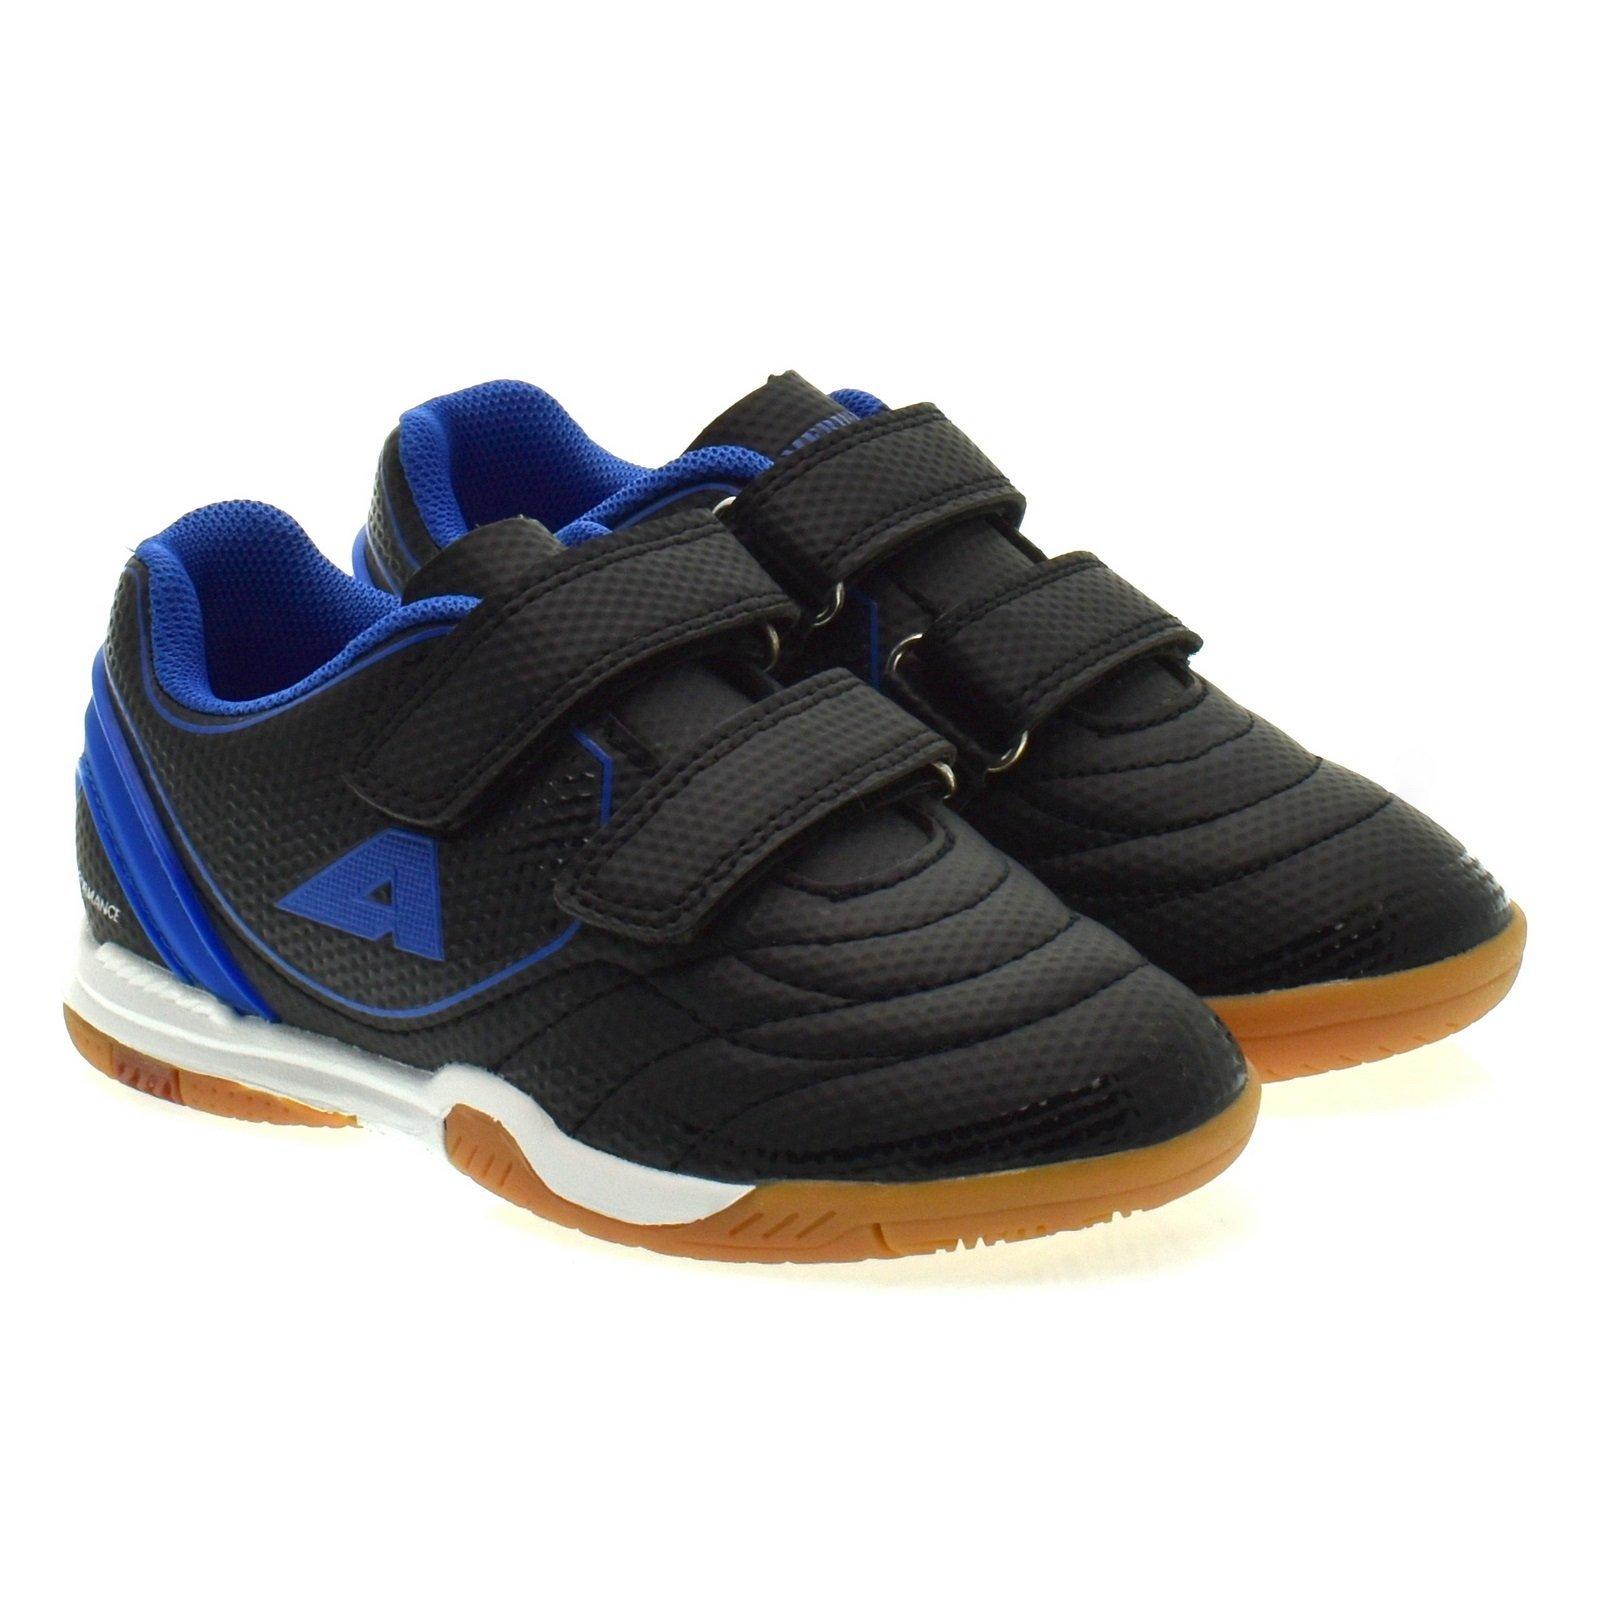 Chlopiece Buty Sportowe Halowki American Club 28 20 Royal Czarny Niebieski 5663 Sklepdorotka Pl